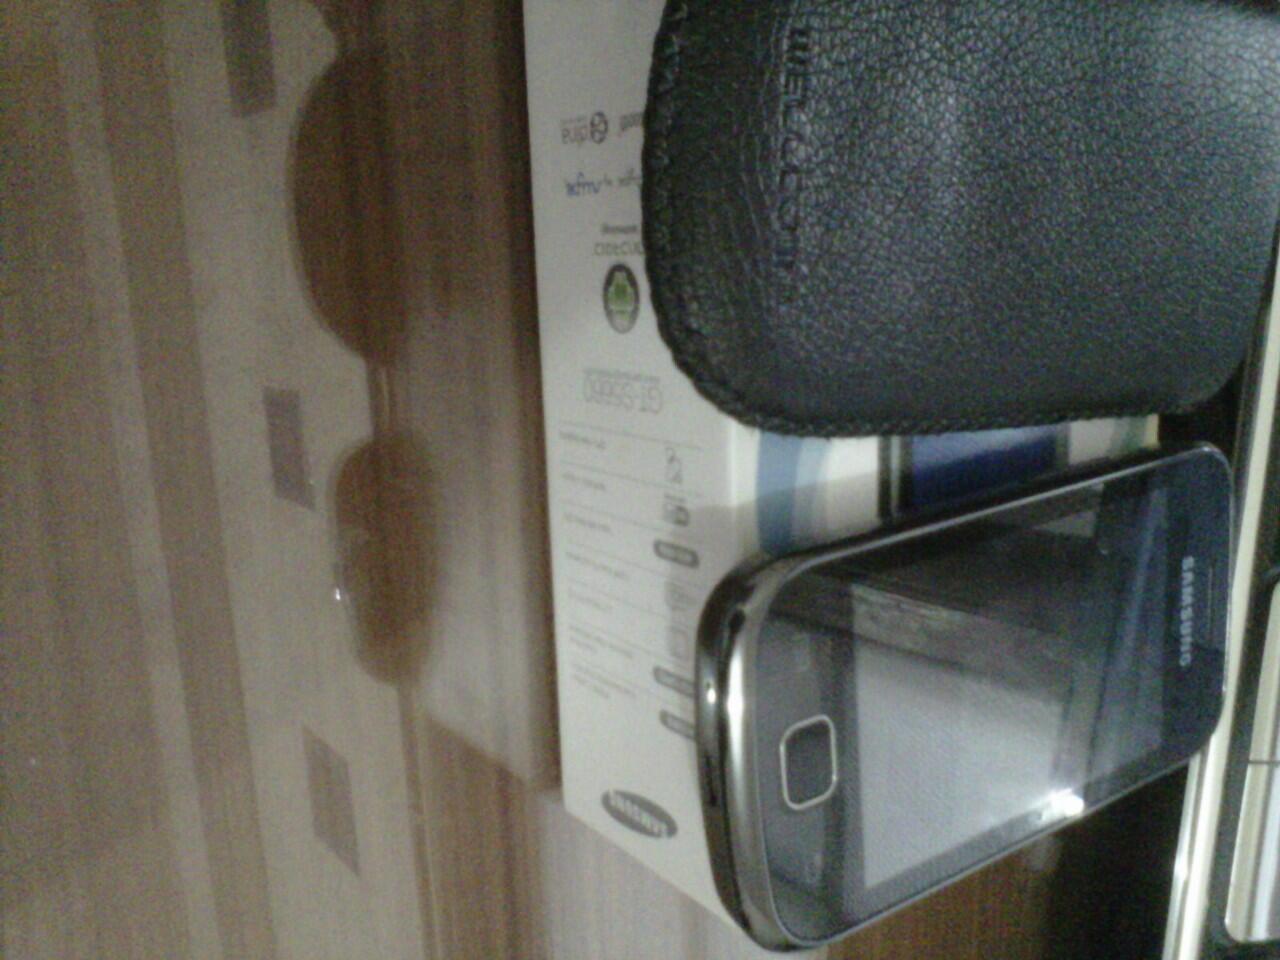 Jual Samsung Galaxy Gio, Bandung, dijamin masih mulus dan mantap tap tap